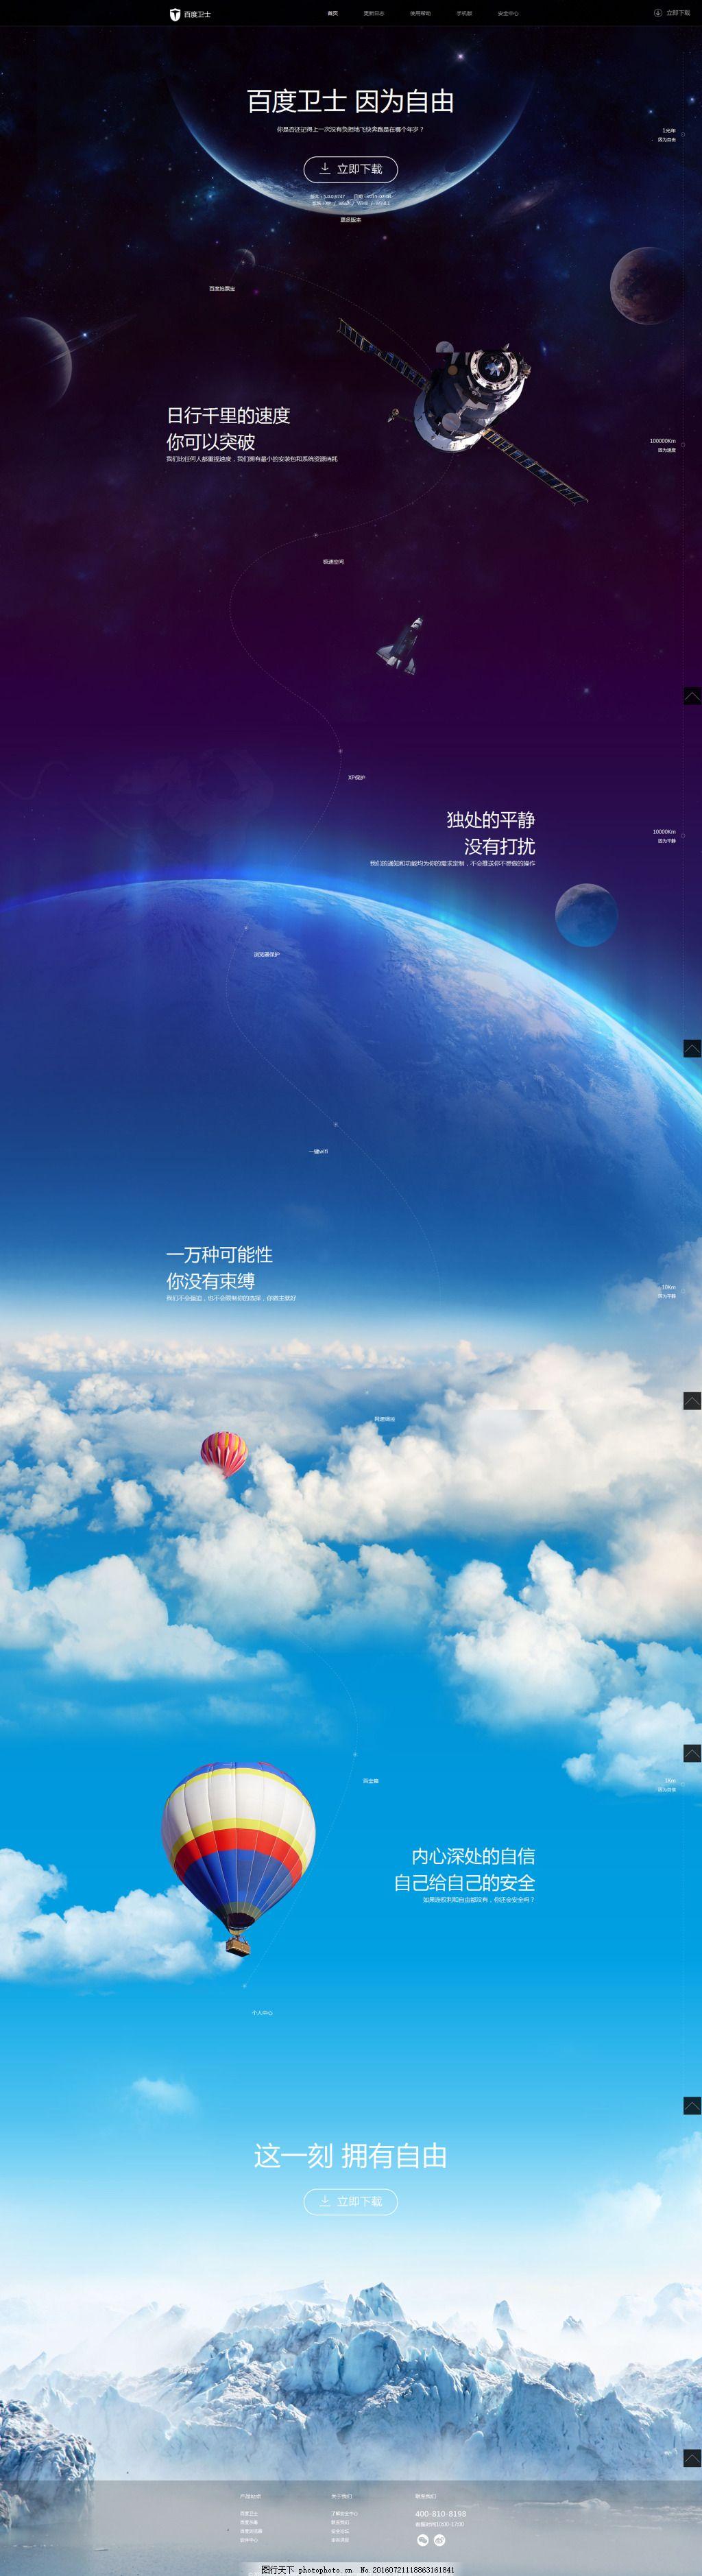 宇宙星空淘宝海报背景